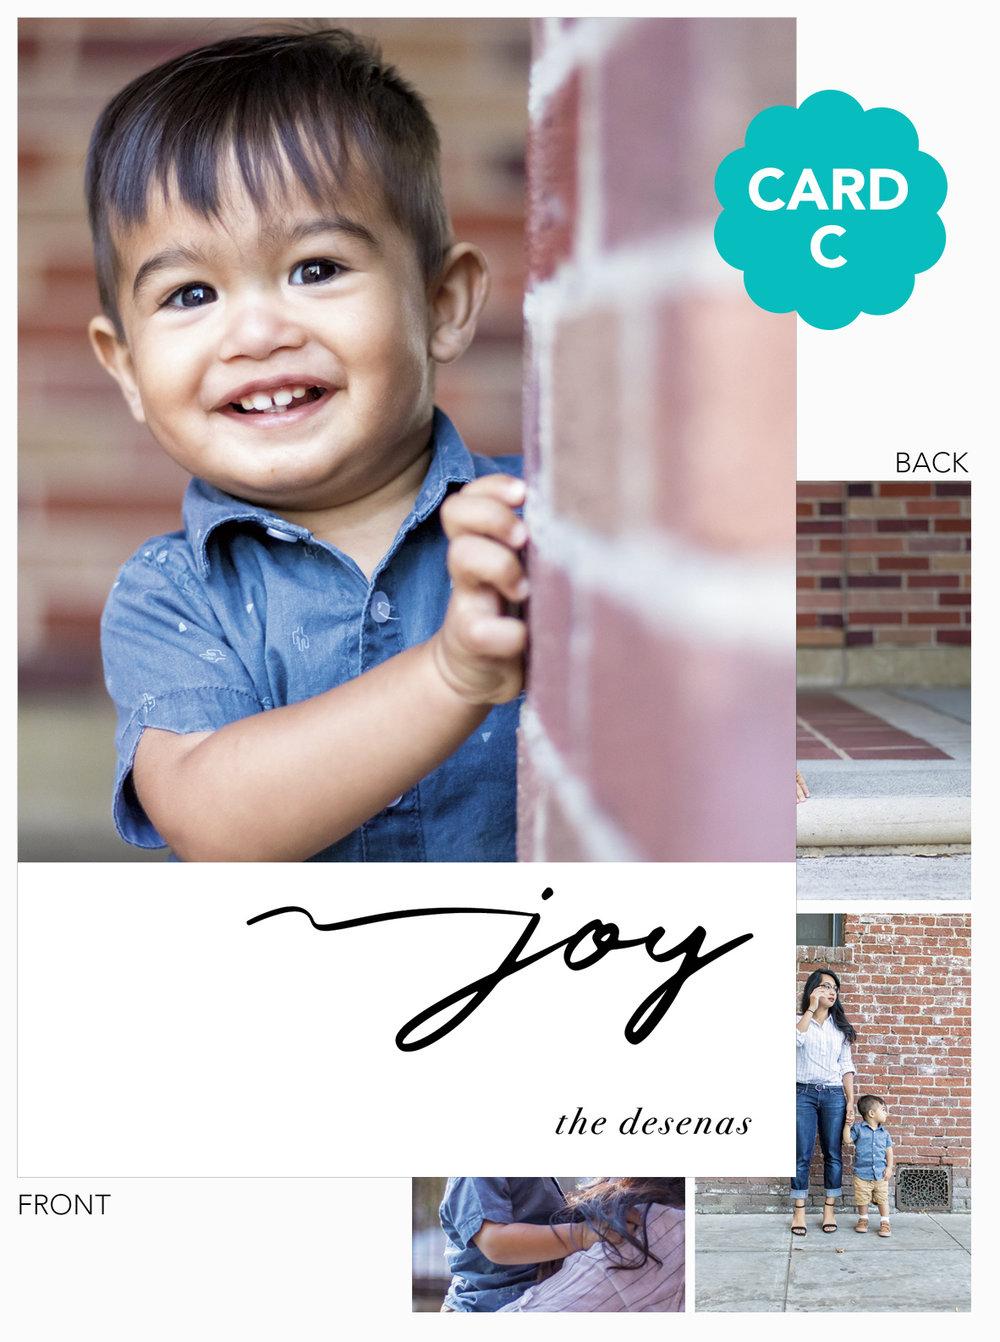 card d.jpg